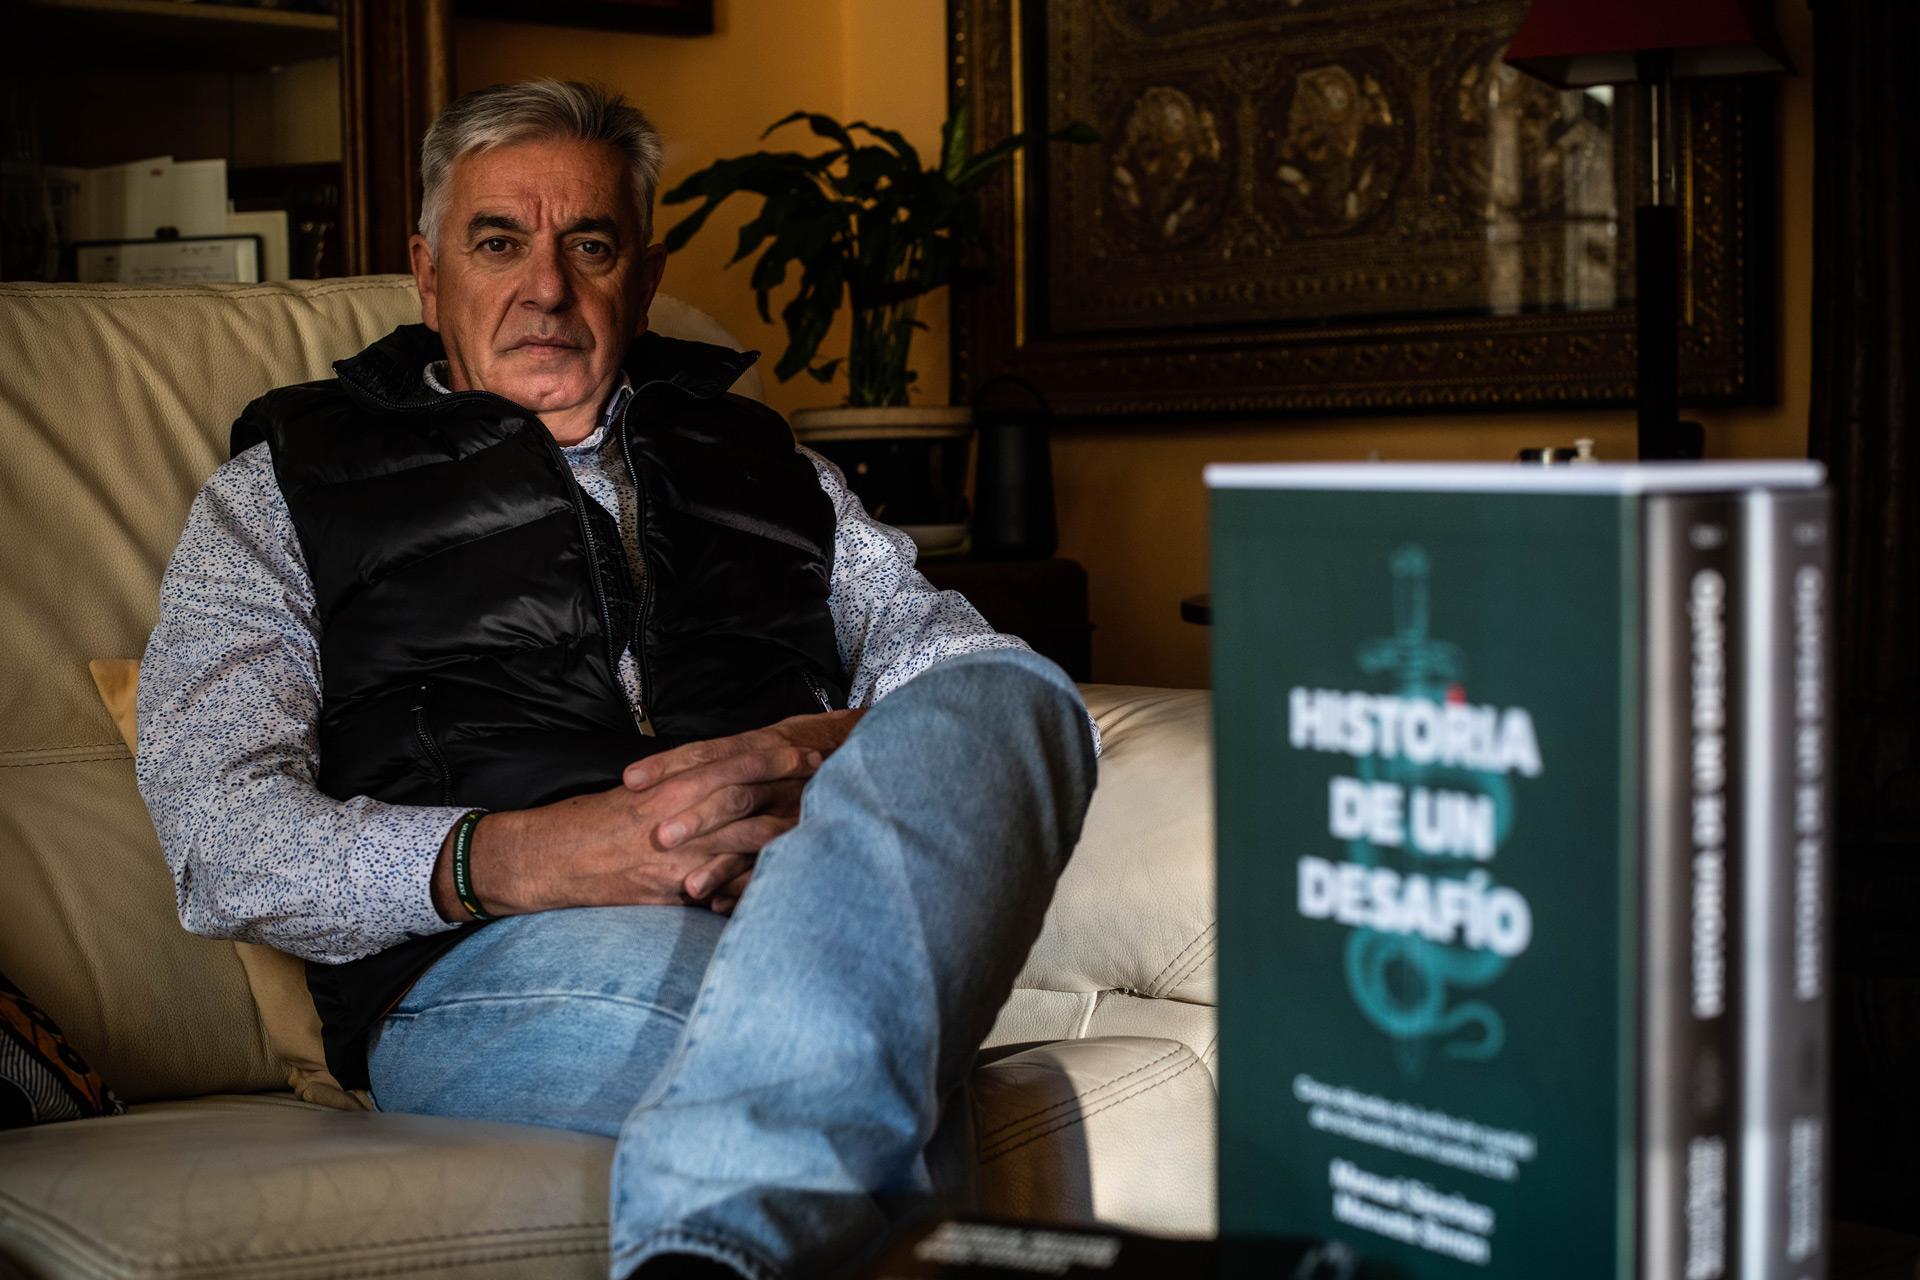 Manuel Corbí, coautor junto con Manuela Simón del libro 'Historia de un desafío'